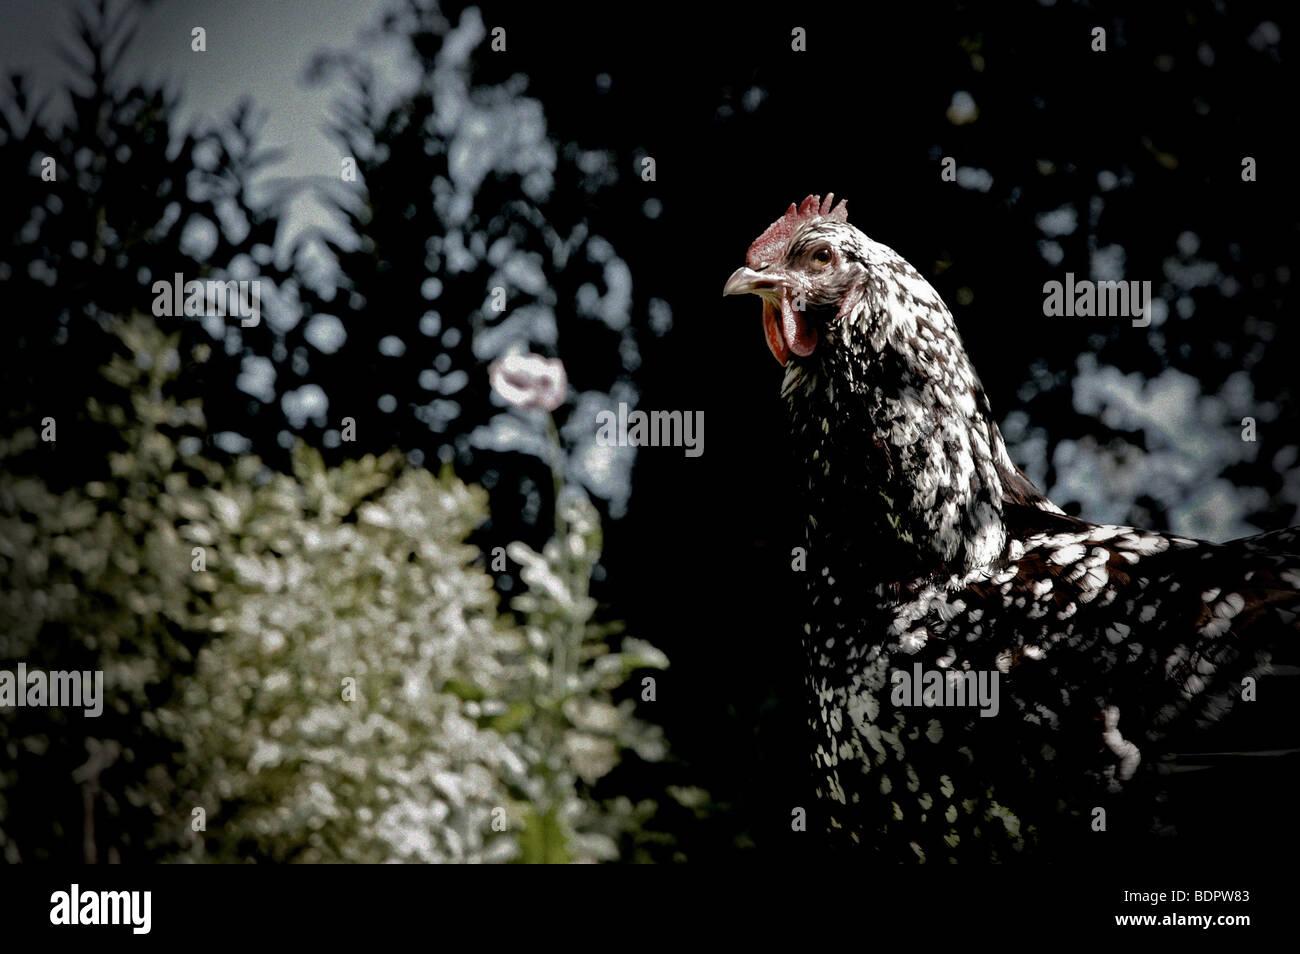 Eine gesprenkelte Sussex Henne in einem Garten Stockbild